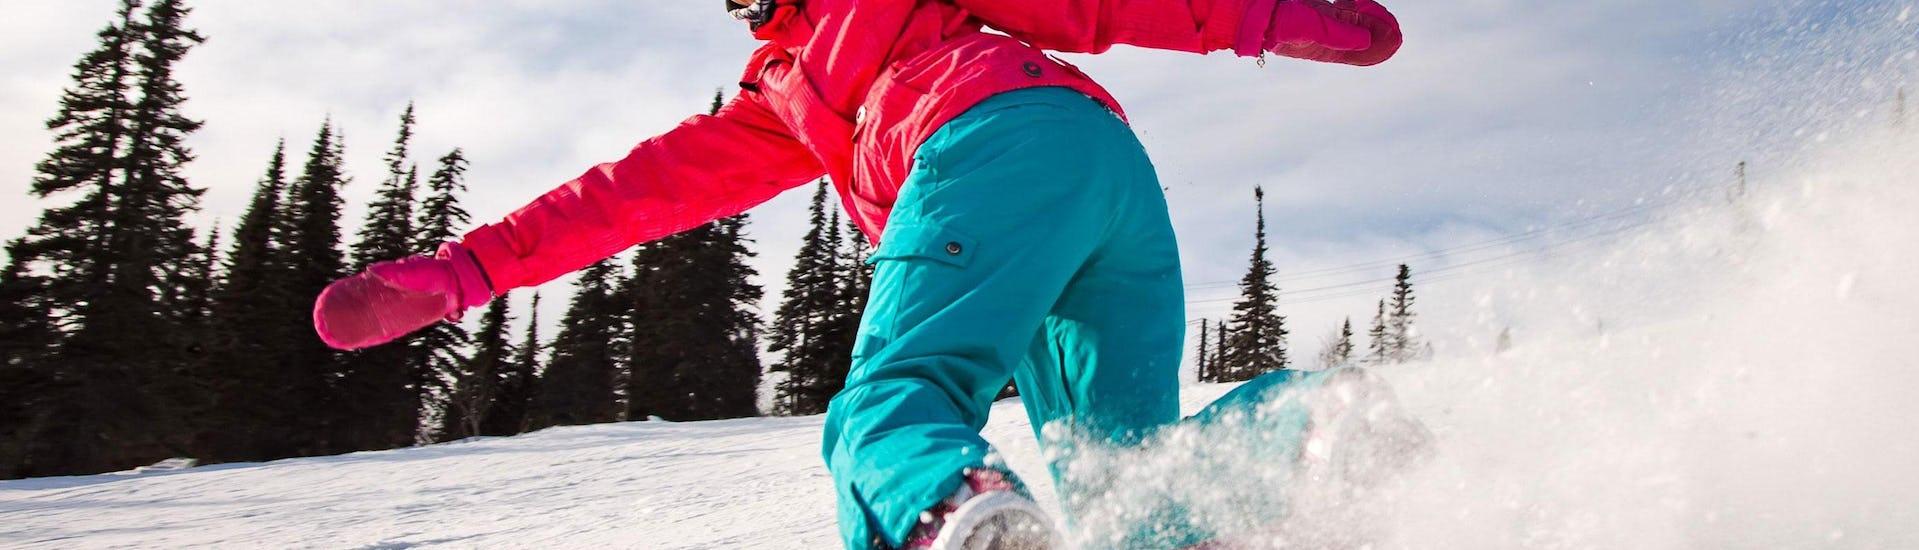 Un snowboardeur effectue un virage précis pendant son cours particulier de snowboard - chamonix - tous niveaux avec l'école de ski Freedom Snowsports.